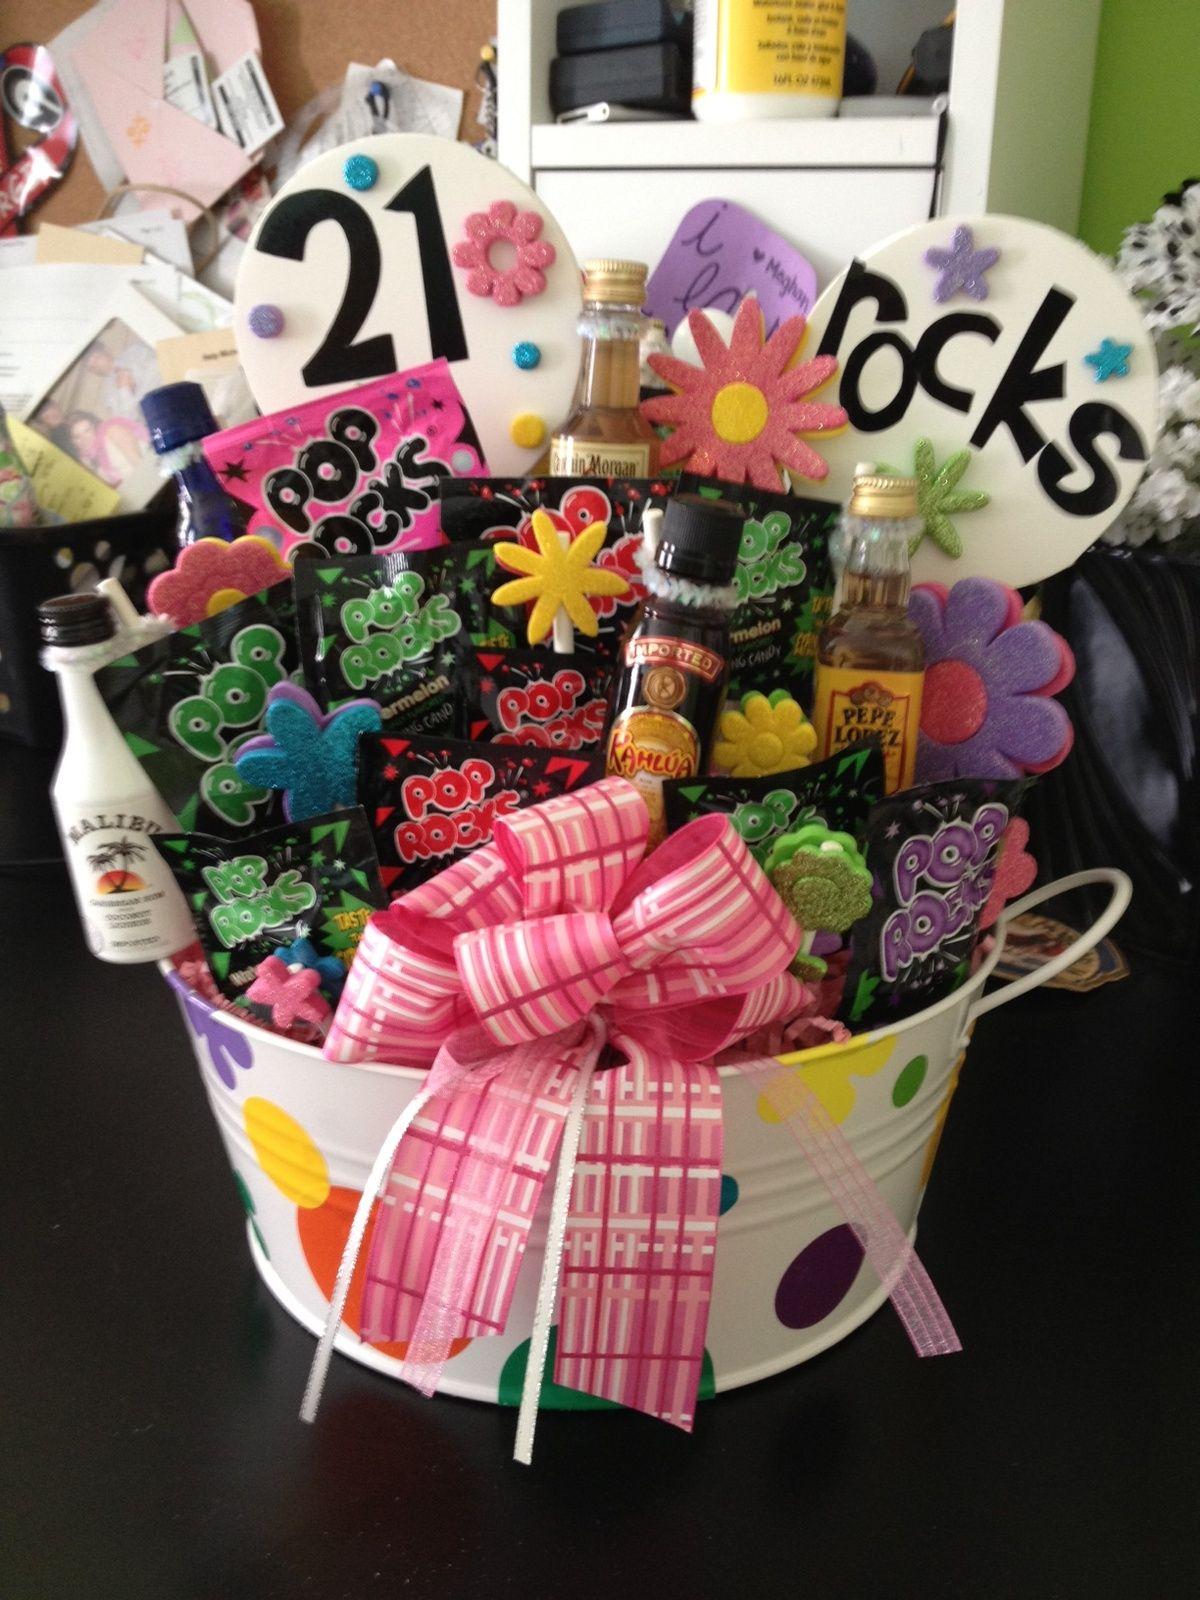 C1dd7f362672cf8df51a9aef38bfc885 1200x1600 Pixels 21st Birthday Basket Gift Baskets